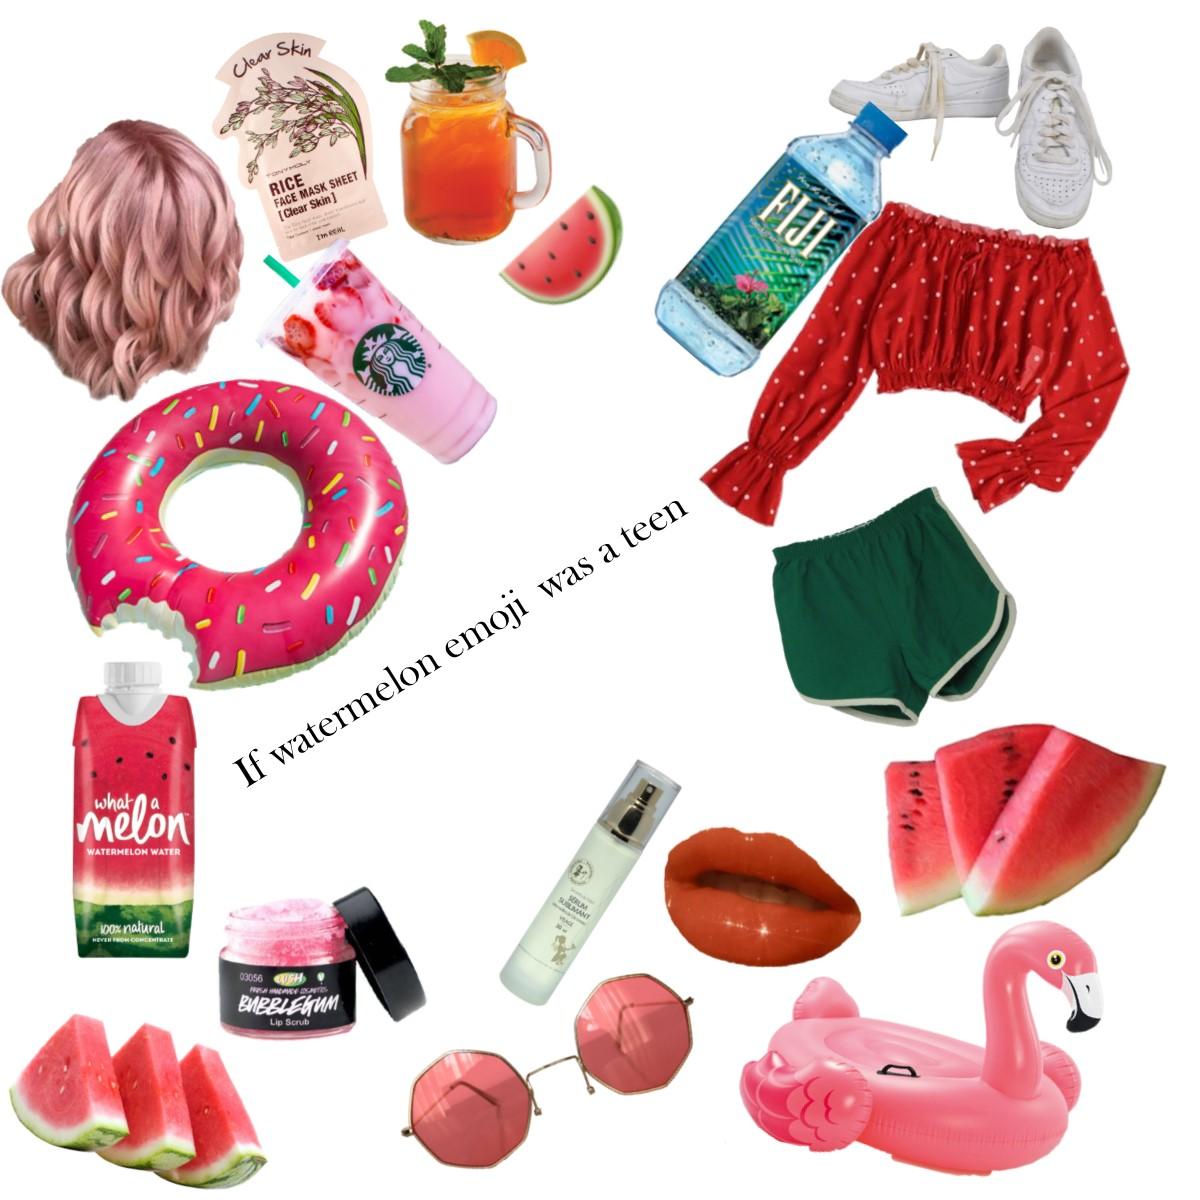 watermelonerino.jpg